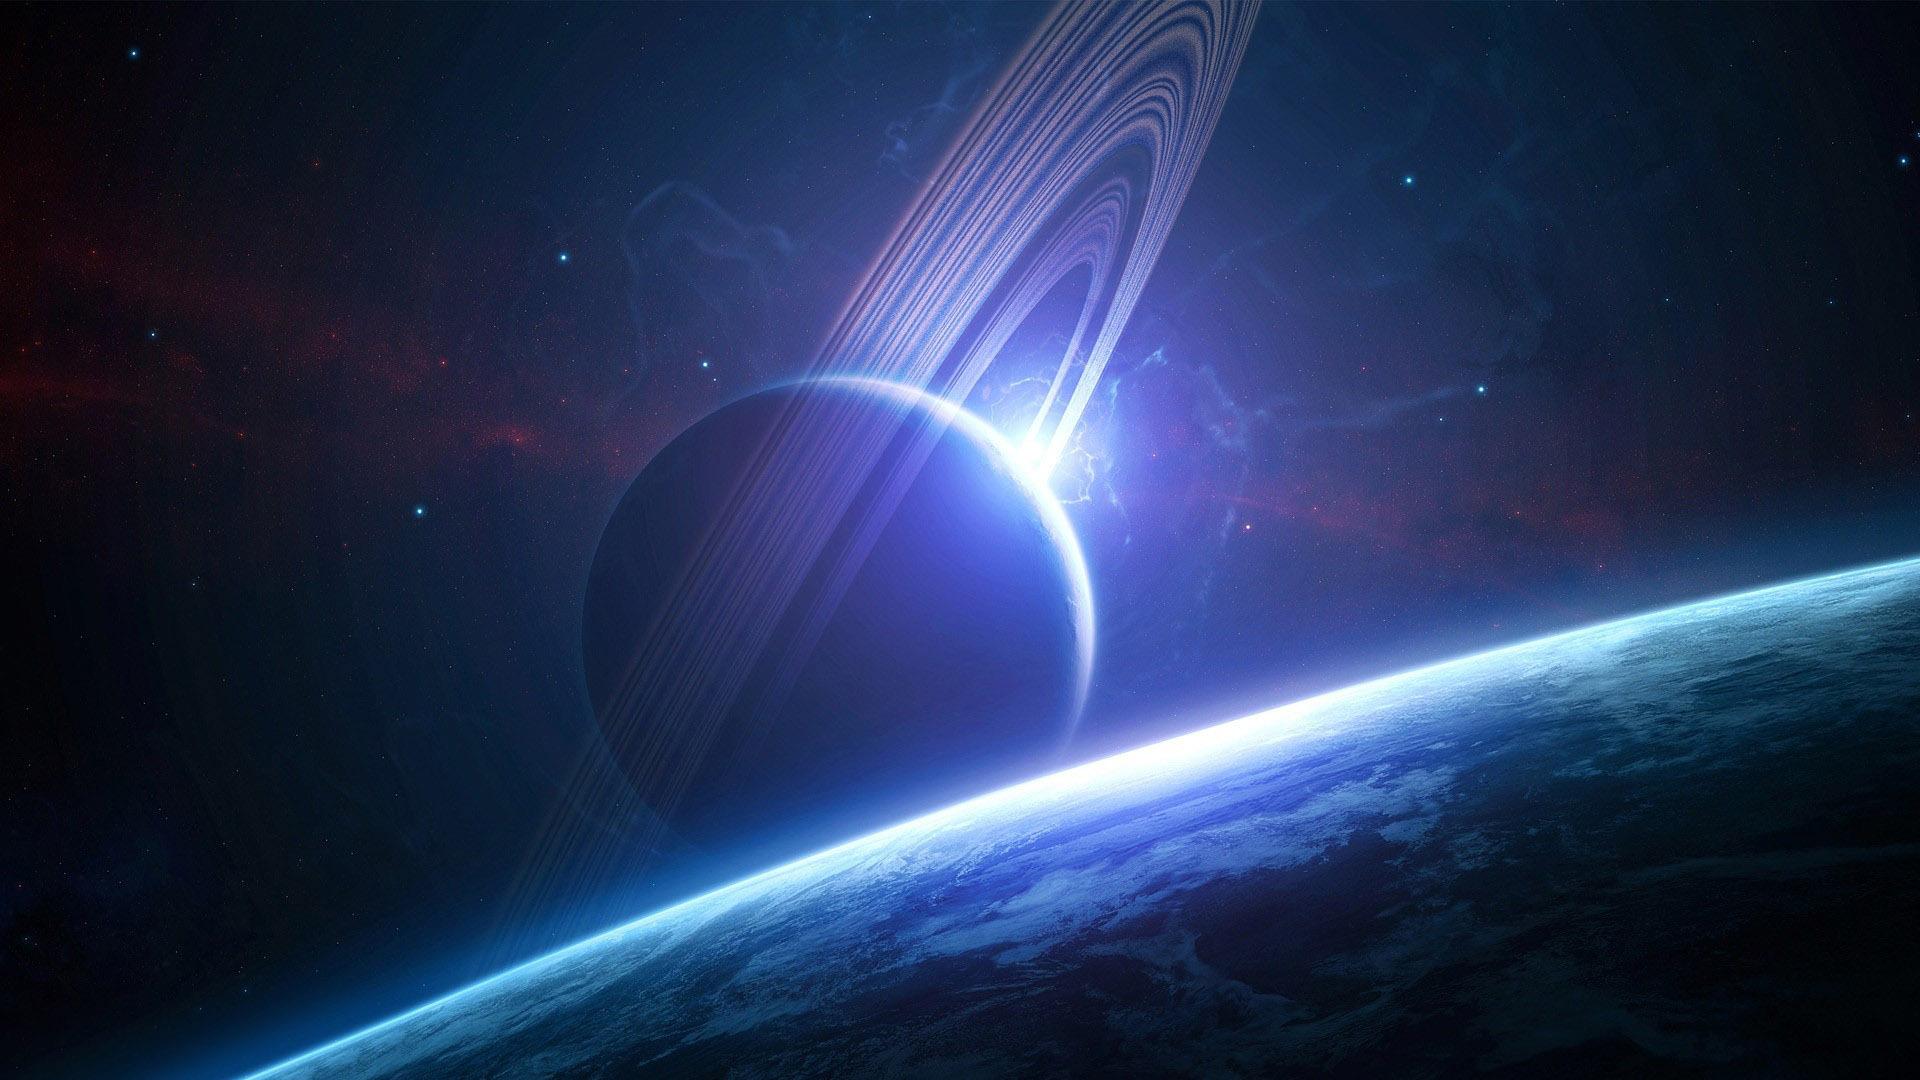 planet wallpaper 23328